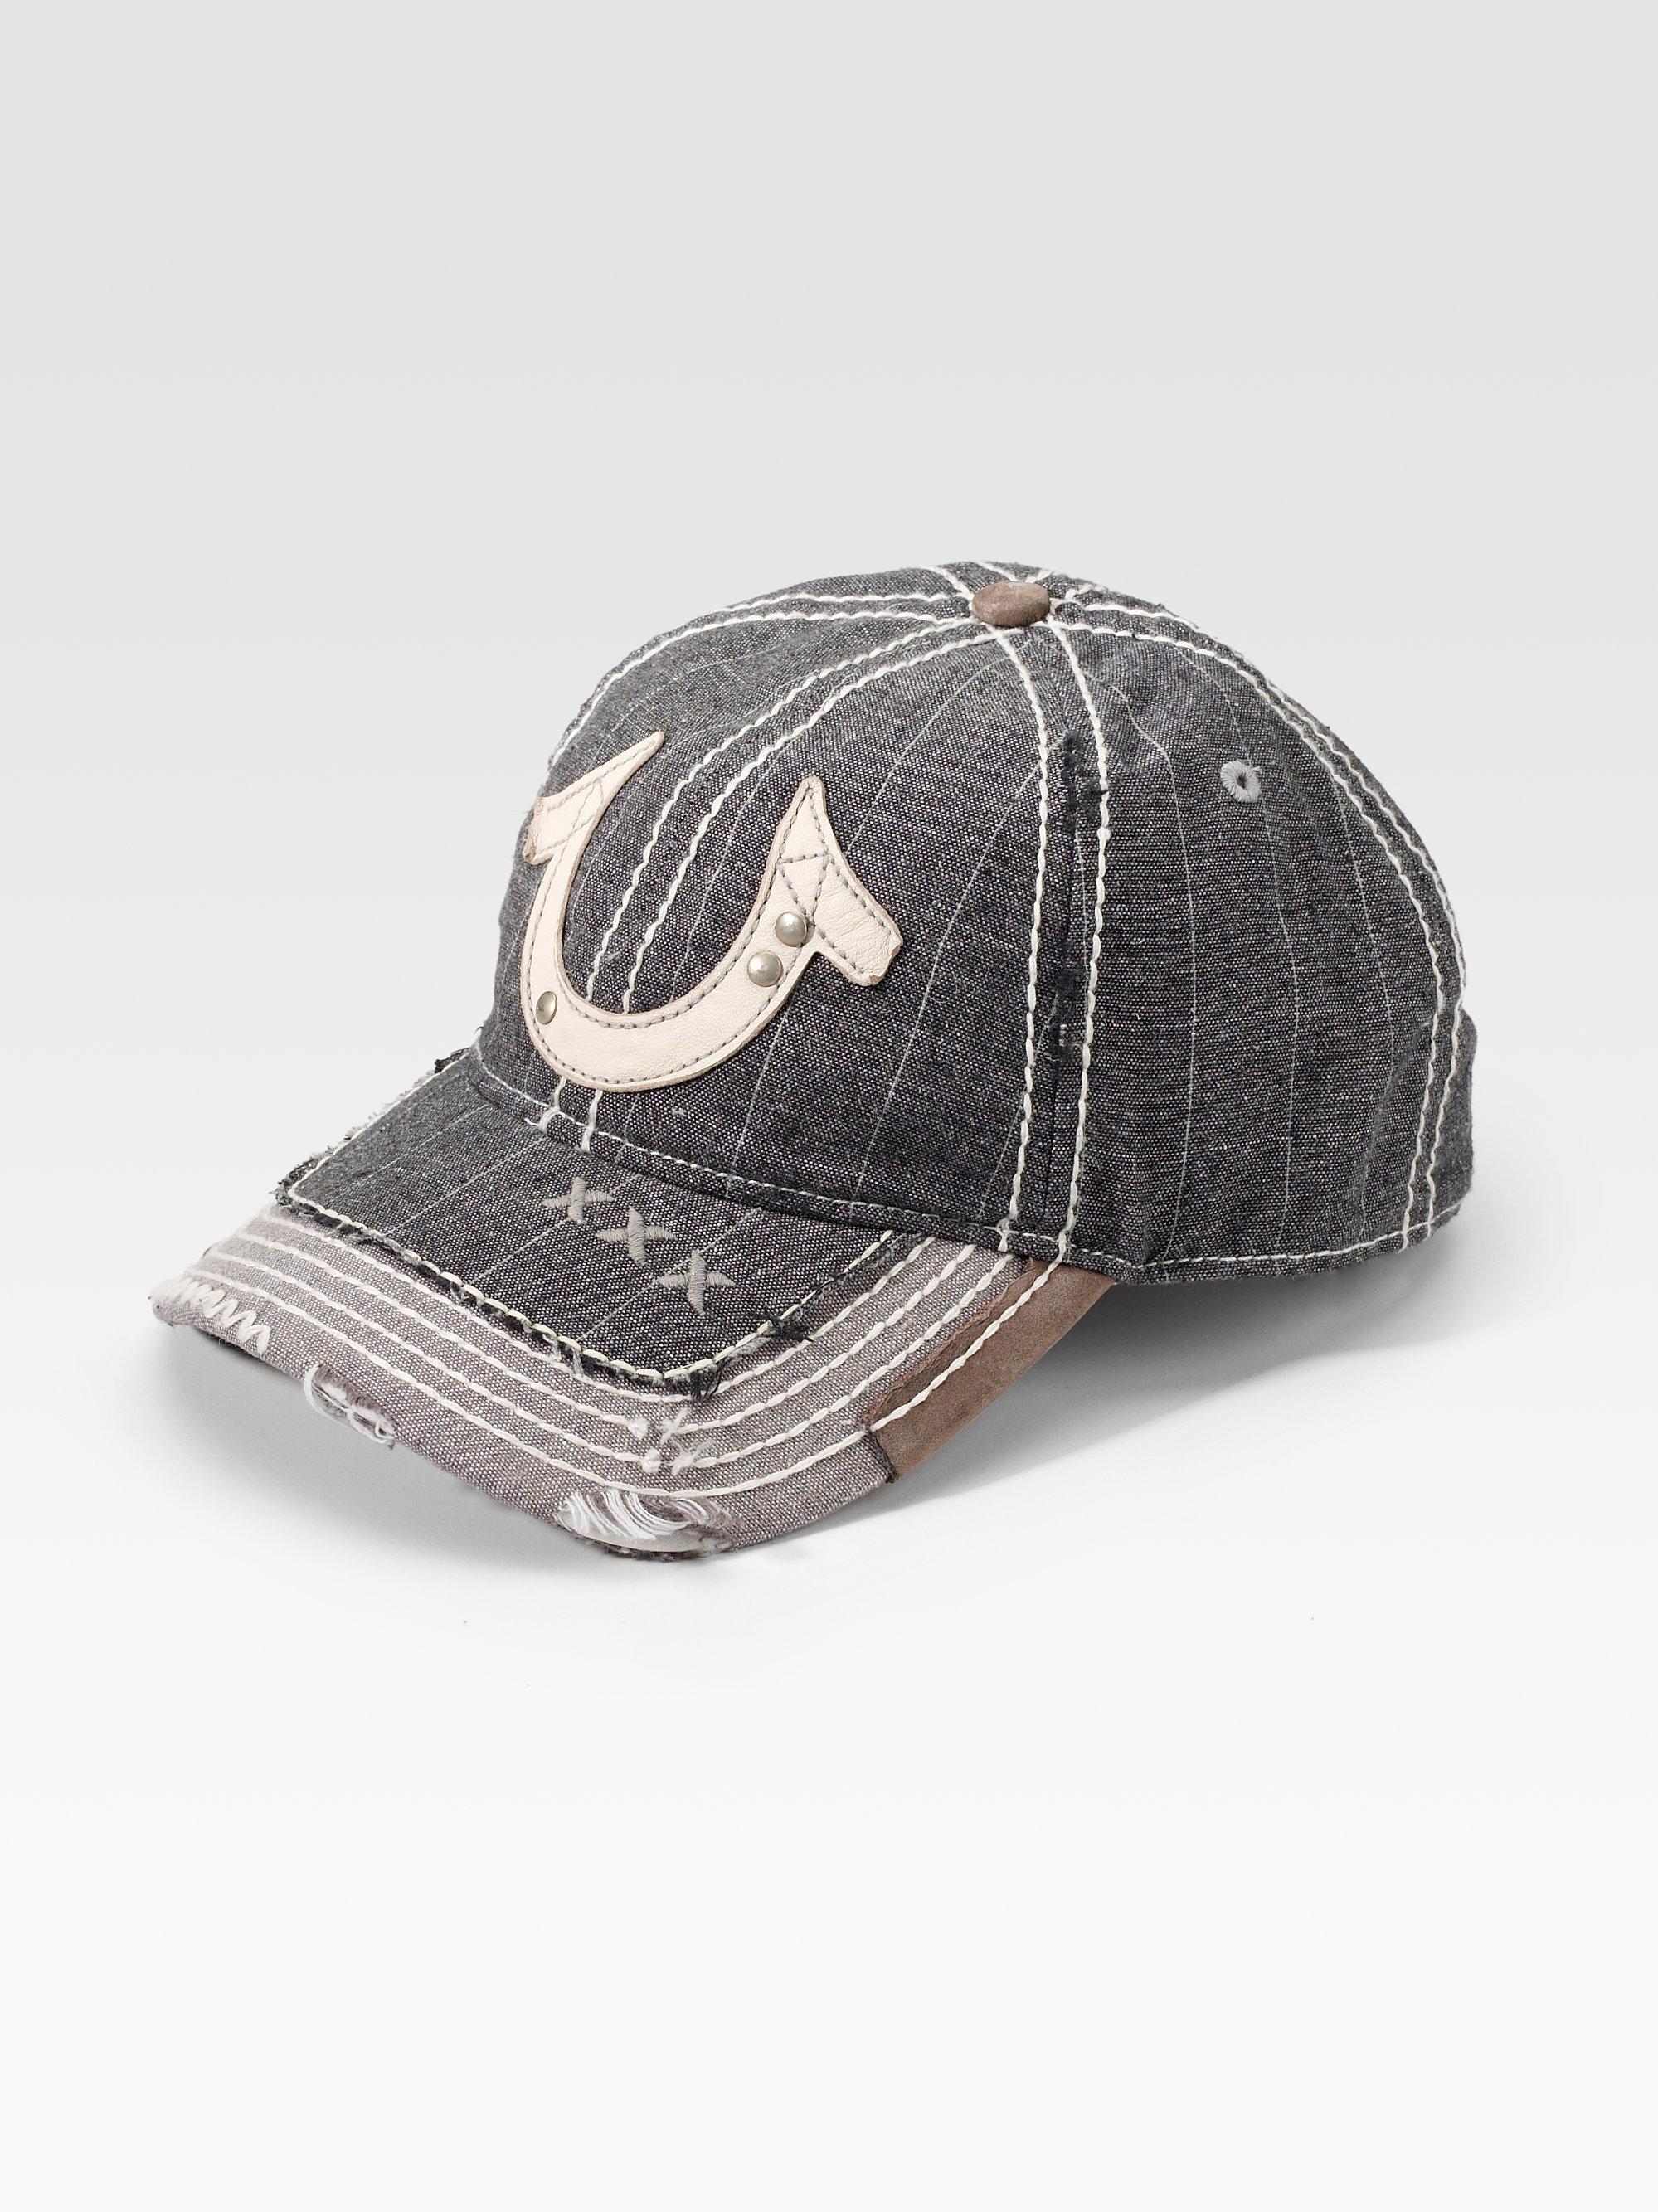 Lyst - True Religion Pinstripe Horseshoe Hat in Gray for Men 620fd25a1bdd